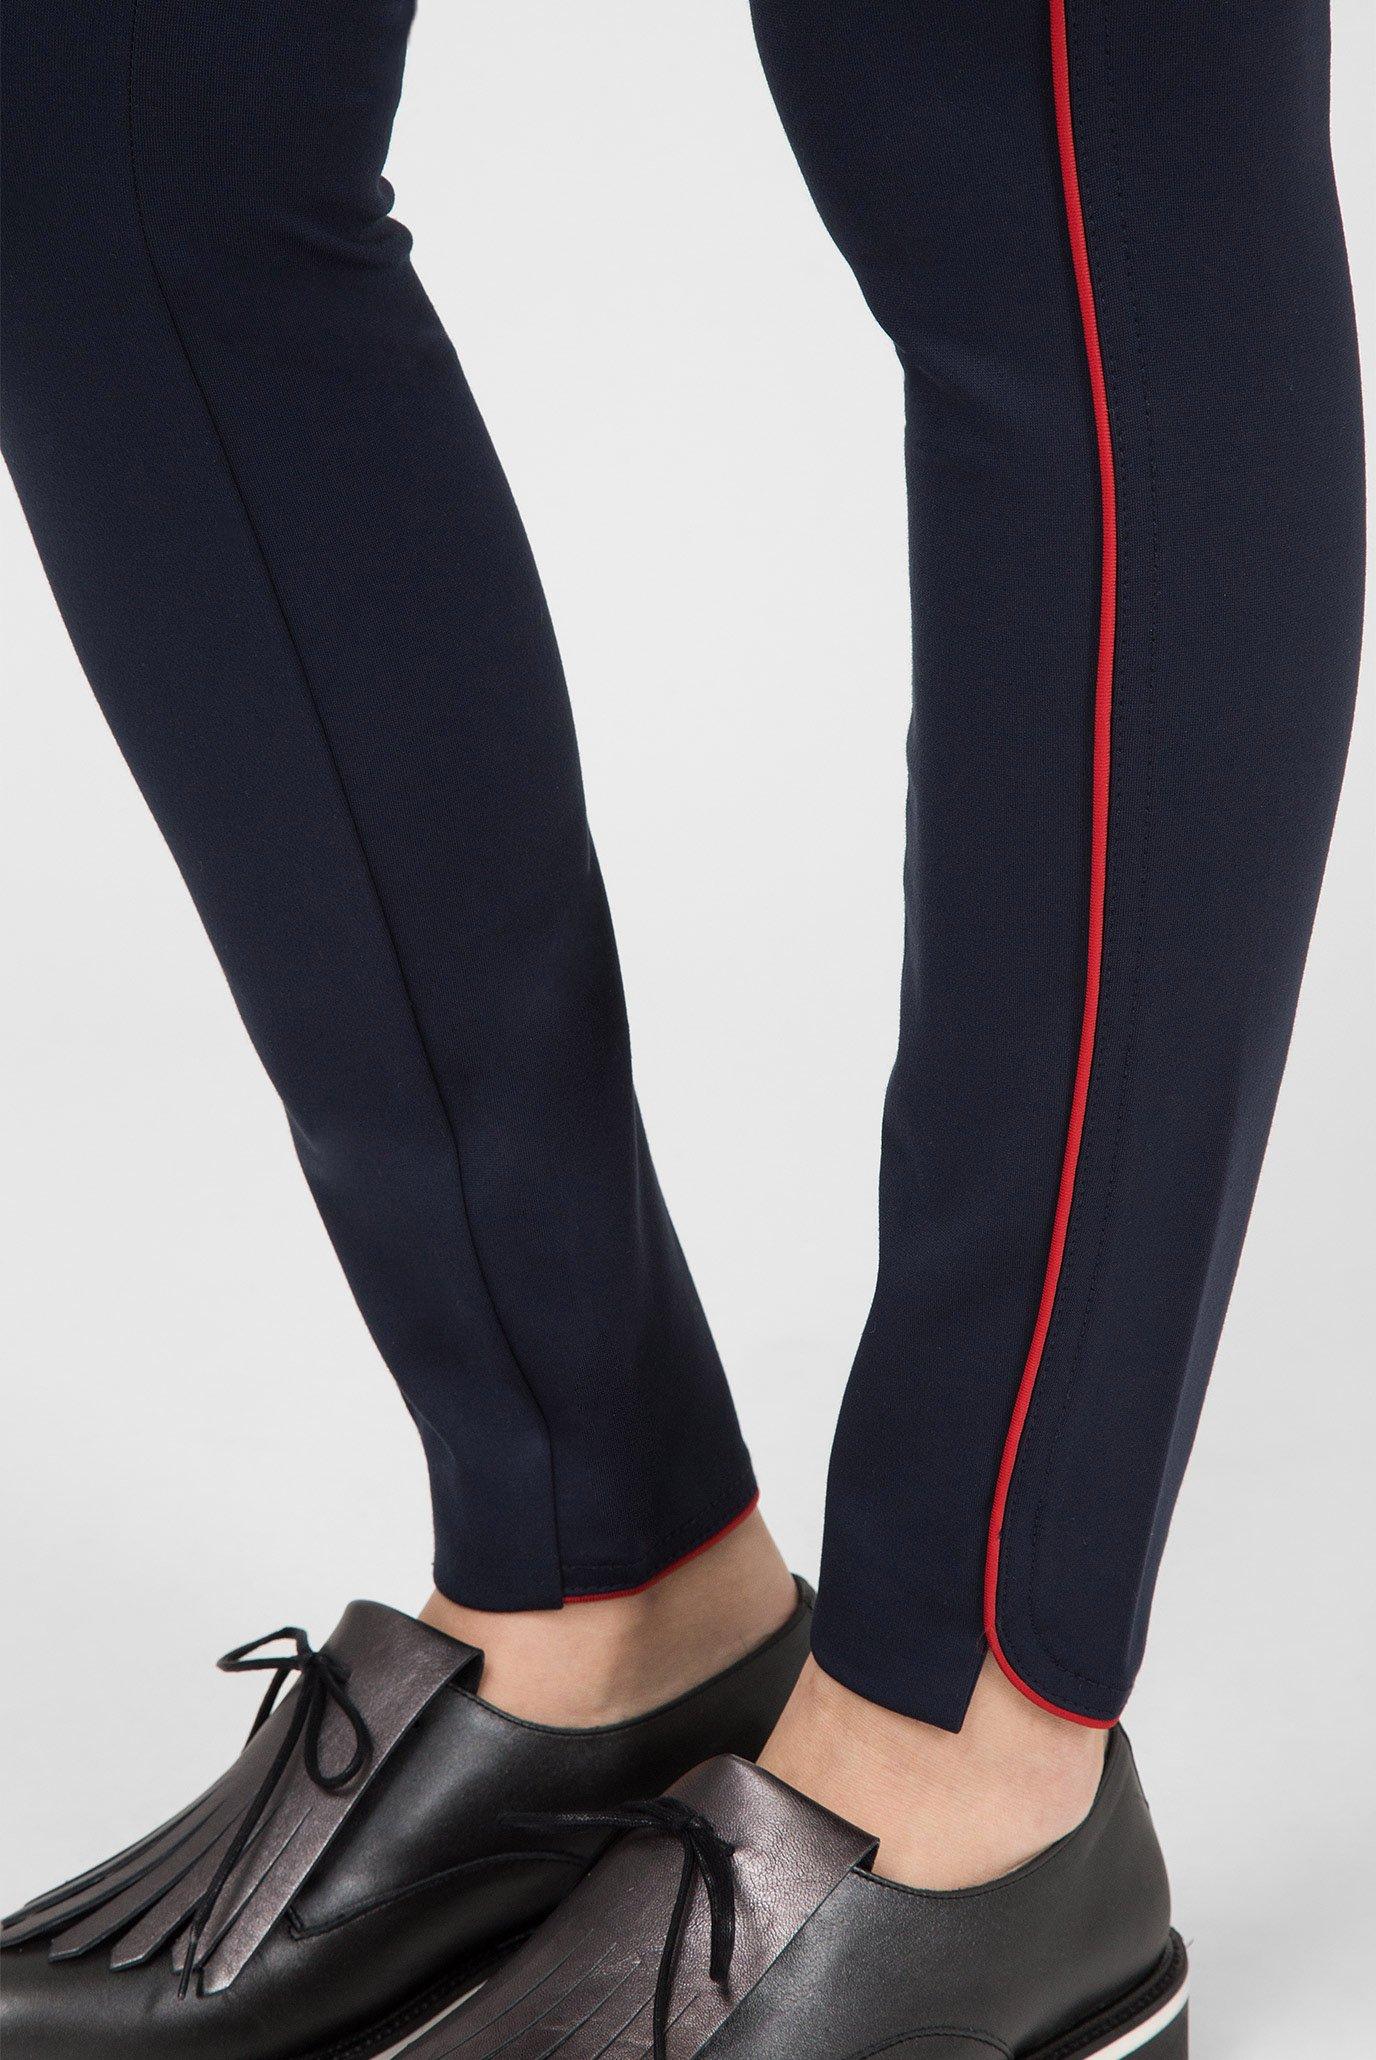 Купить Женские темно-синие брюки Tommy Hilfiger Tommy Hilfiger WW0WW22209 – Киев, Украина. Цены в интернет магазине MD Fashion